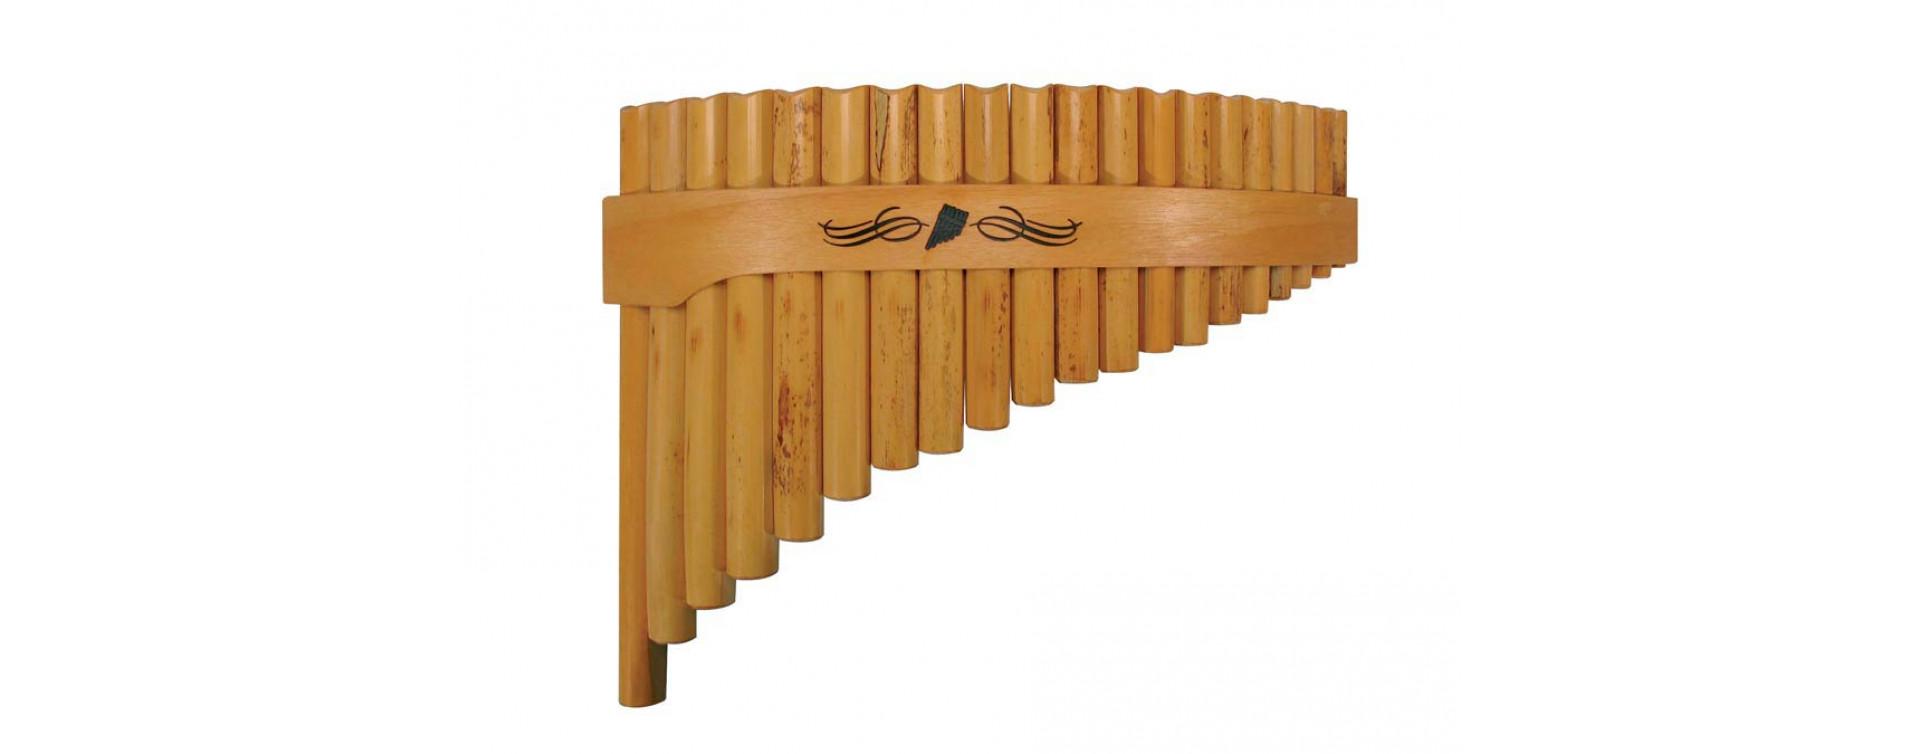 Panove flauty